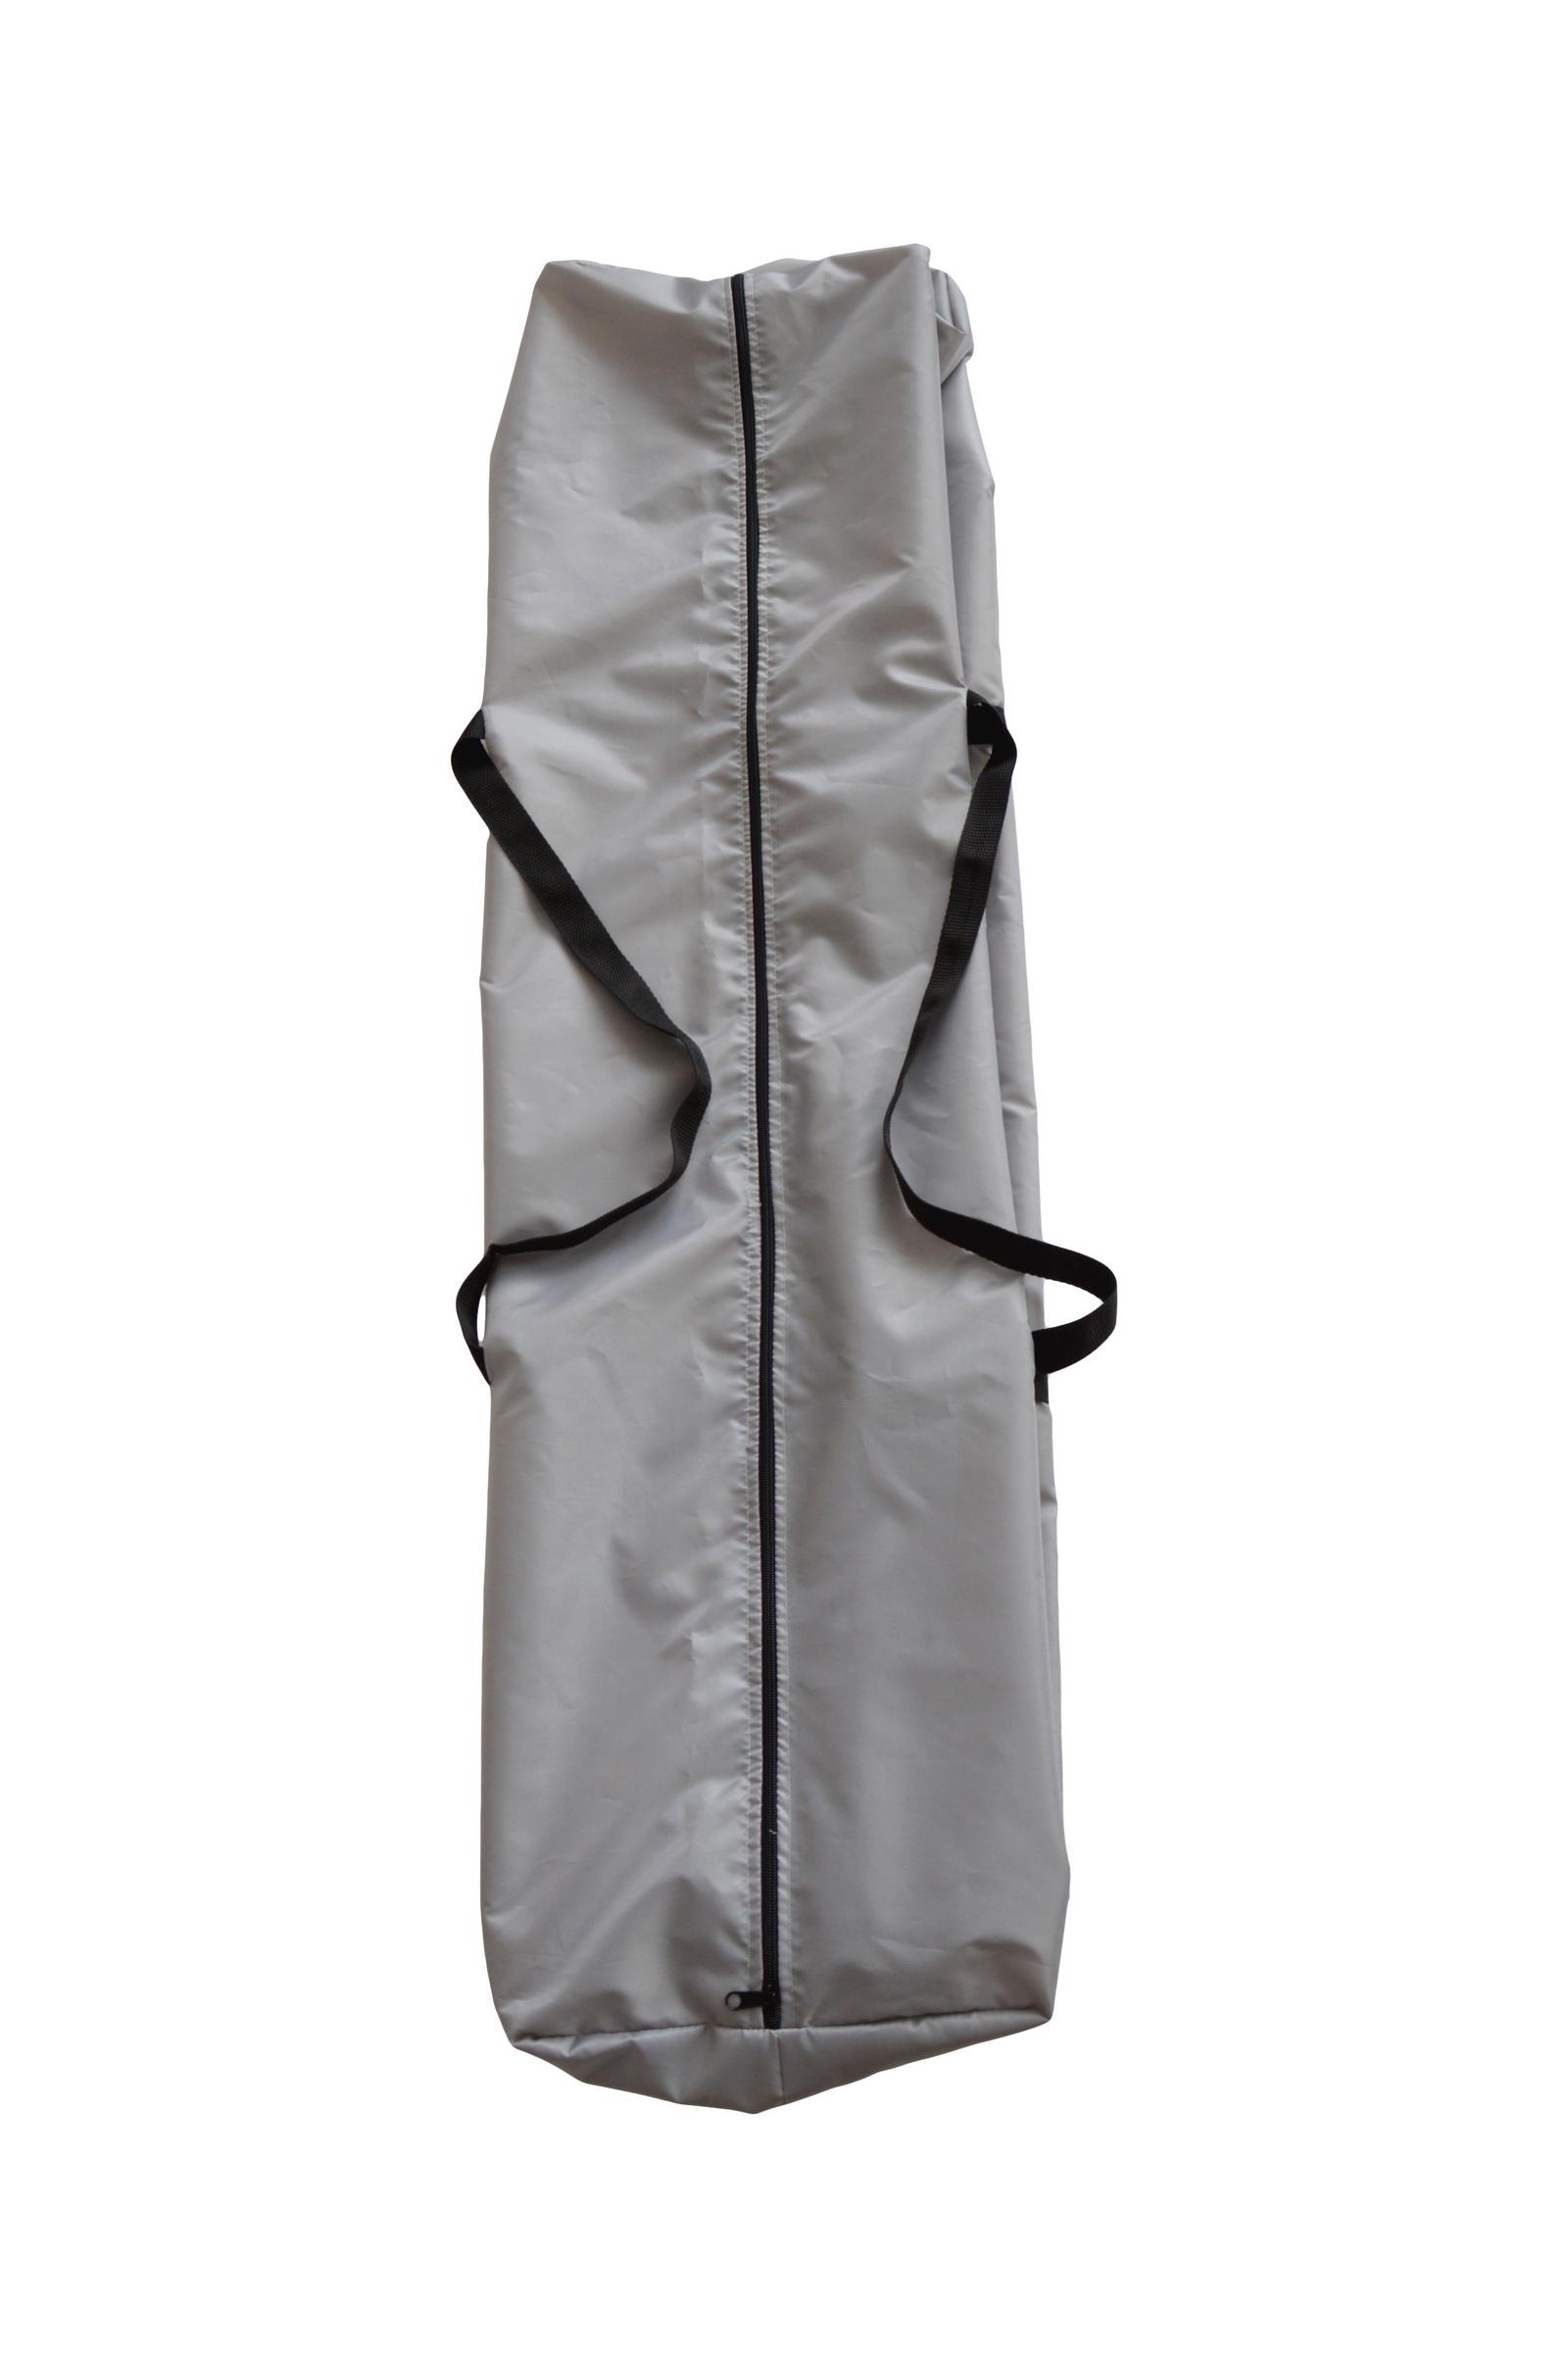 Аксессуар для колясок Bibi Сумка-чехол для коляски №2 серый